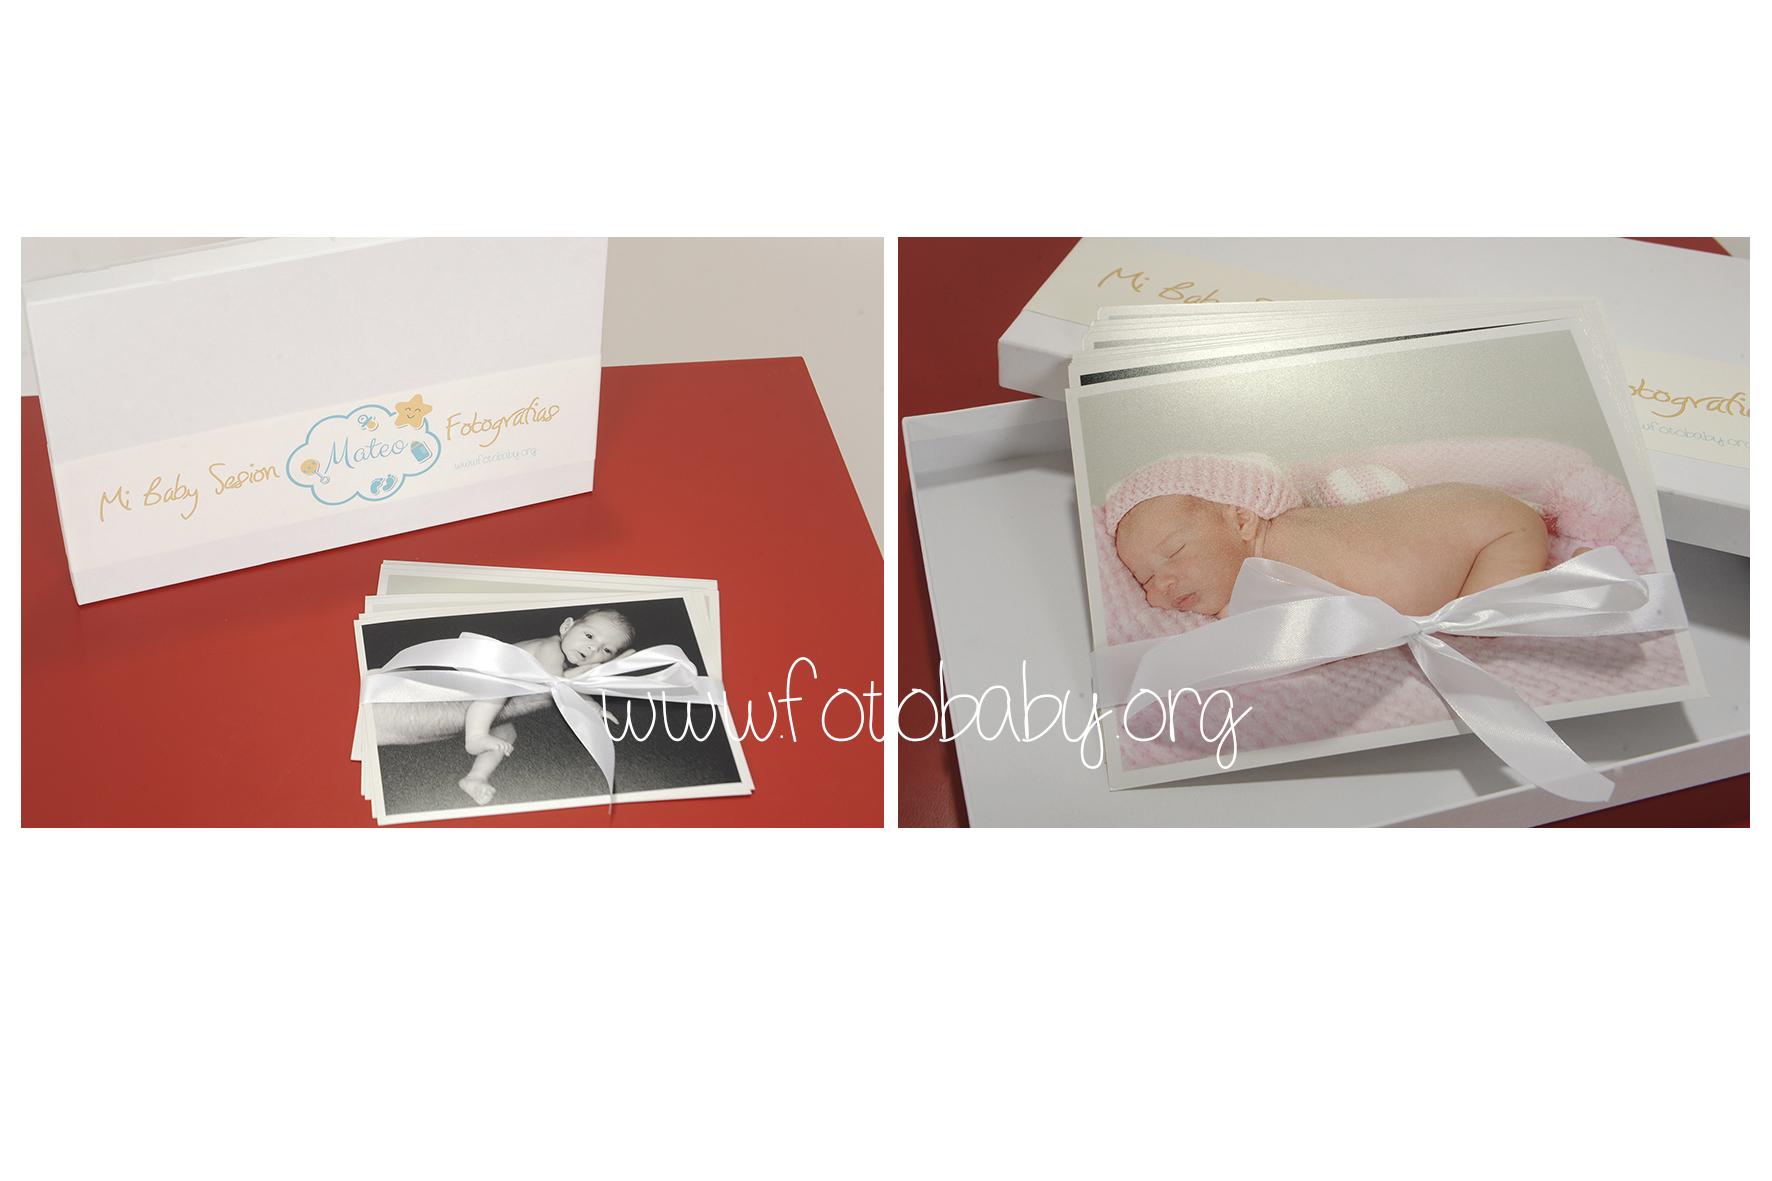 albumes-digitales-y-cajitas-de-madera-personalizadas-fotobaby-granada